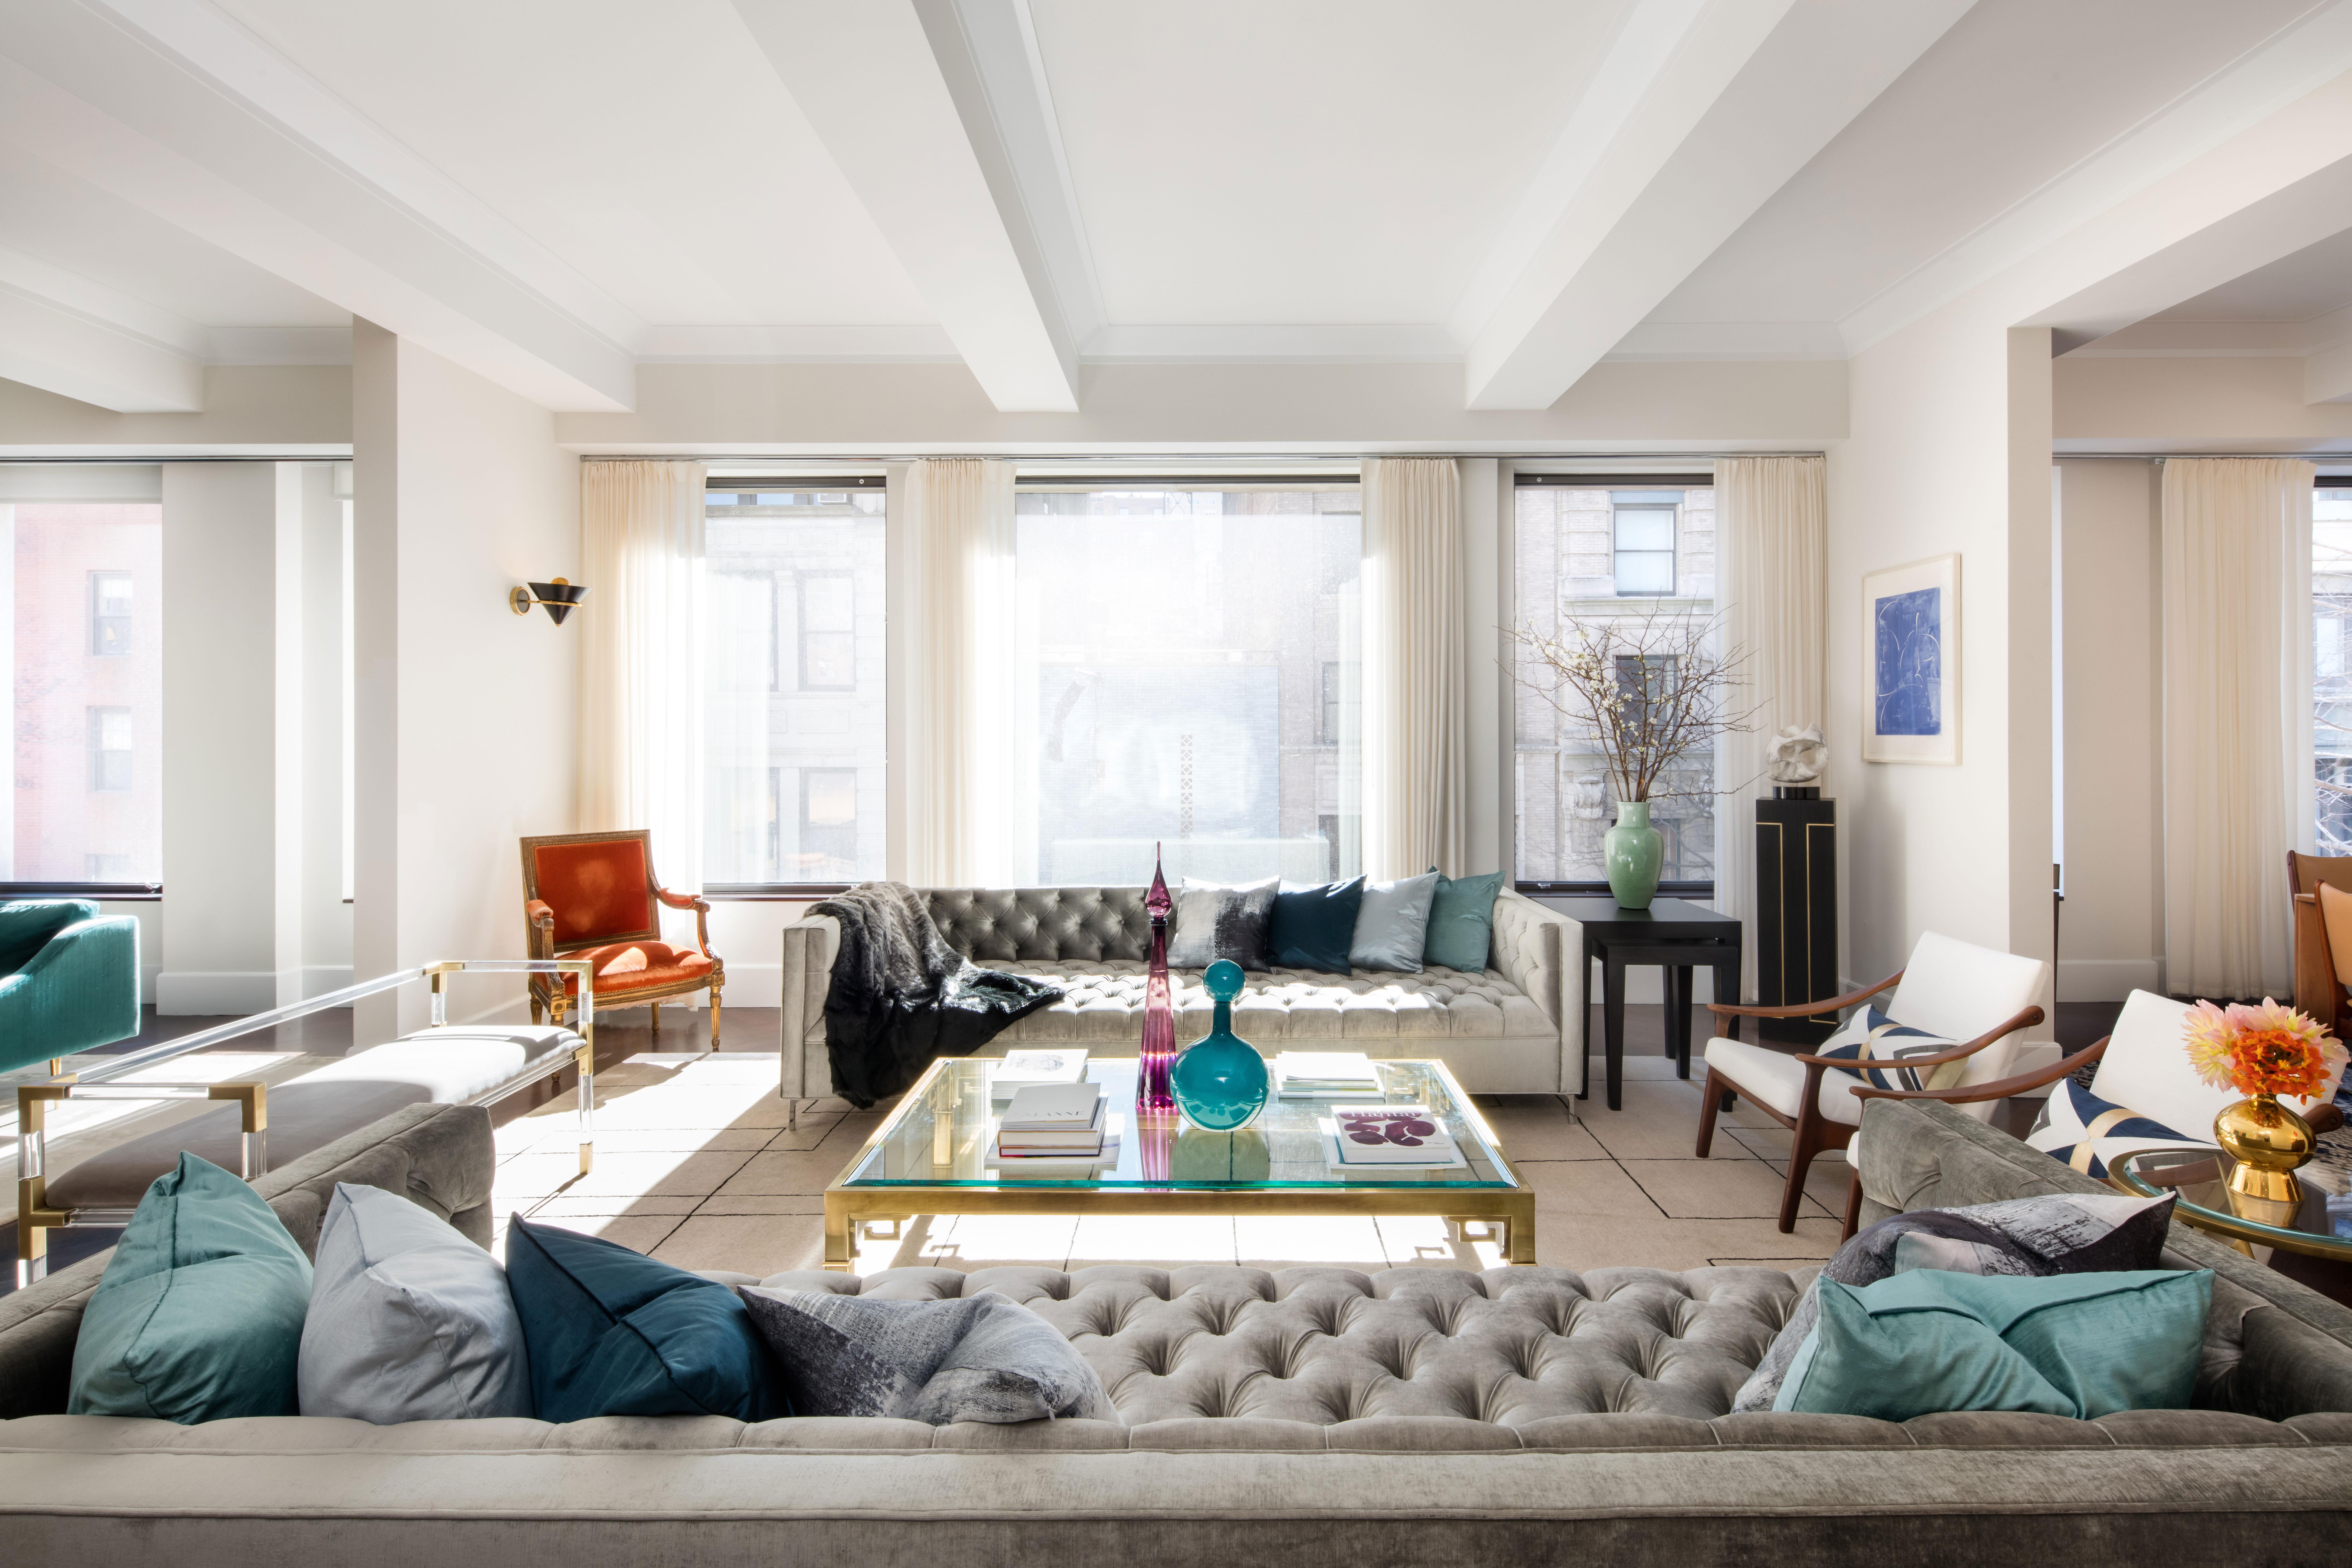 Nicole-Fuller-Interior-Designer-union-square-living-room-5